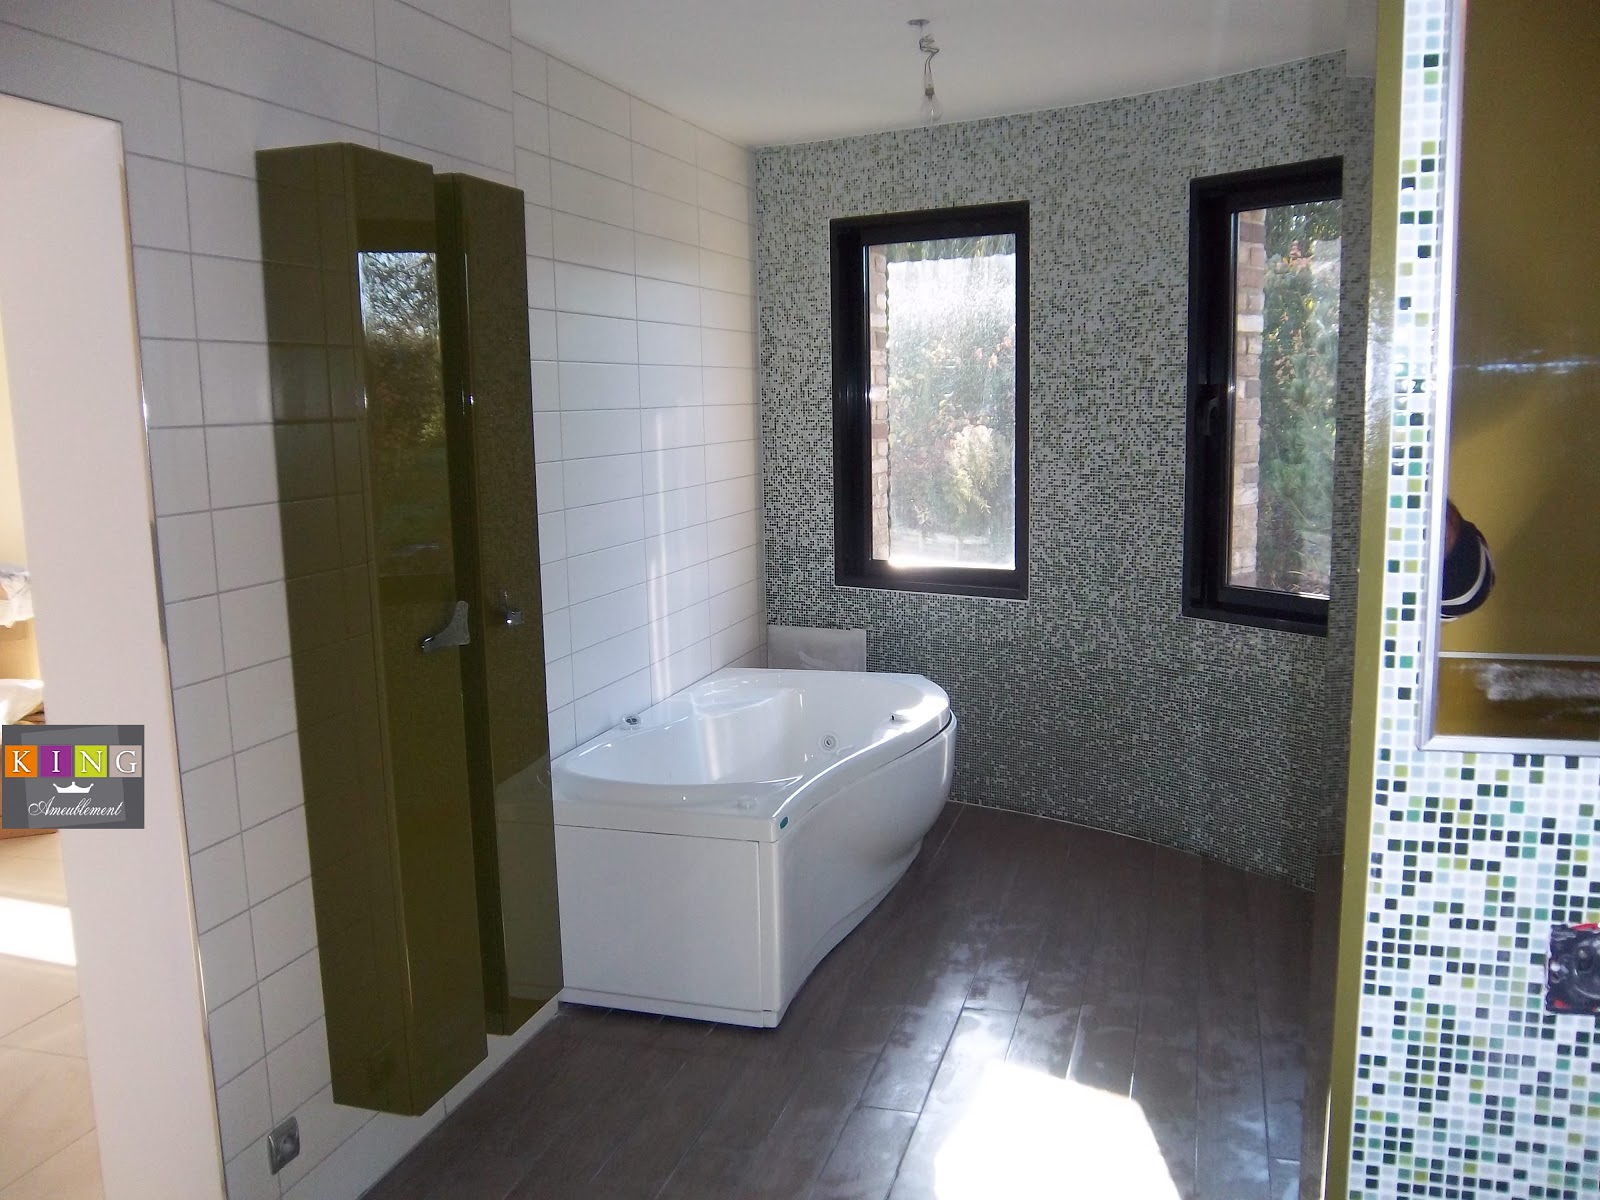 Decoration cuisine petit espace for Refection salle de bain